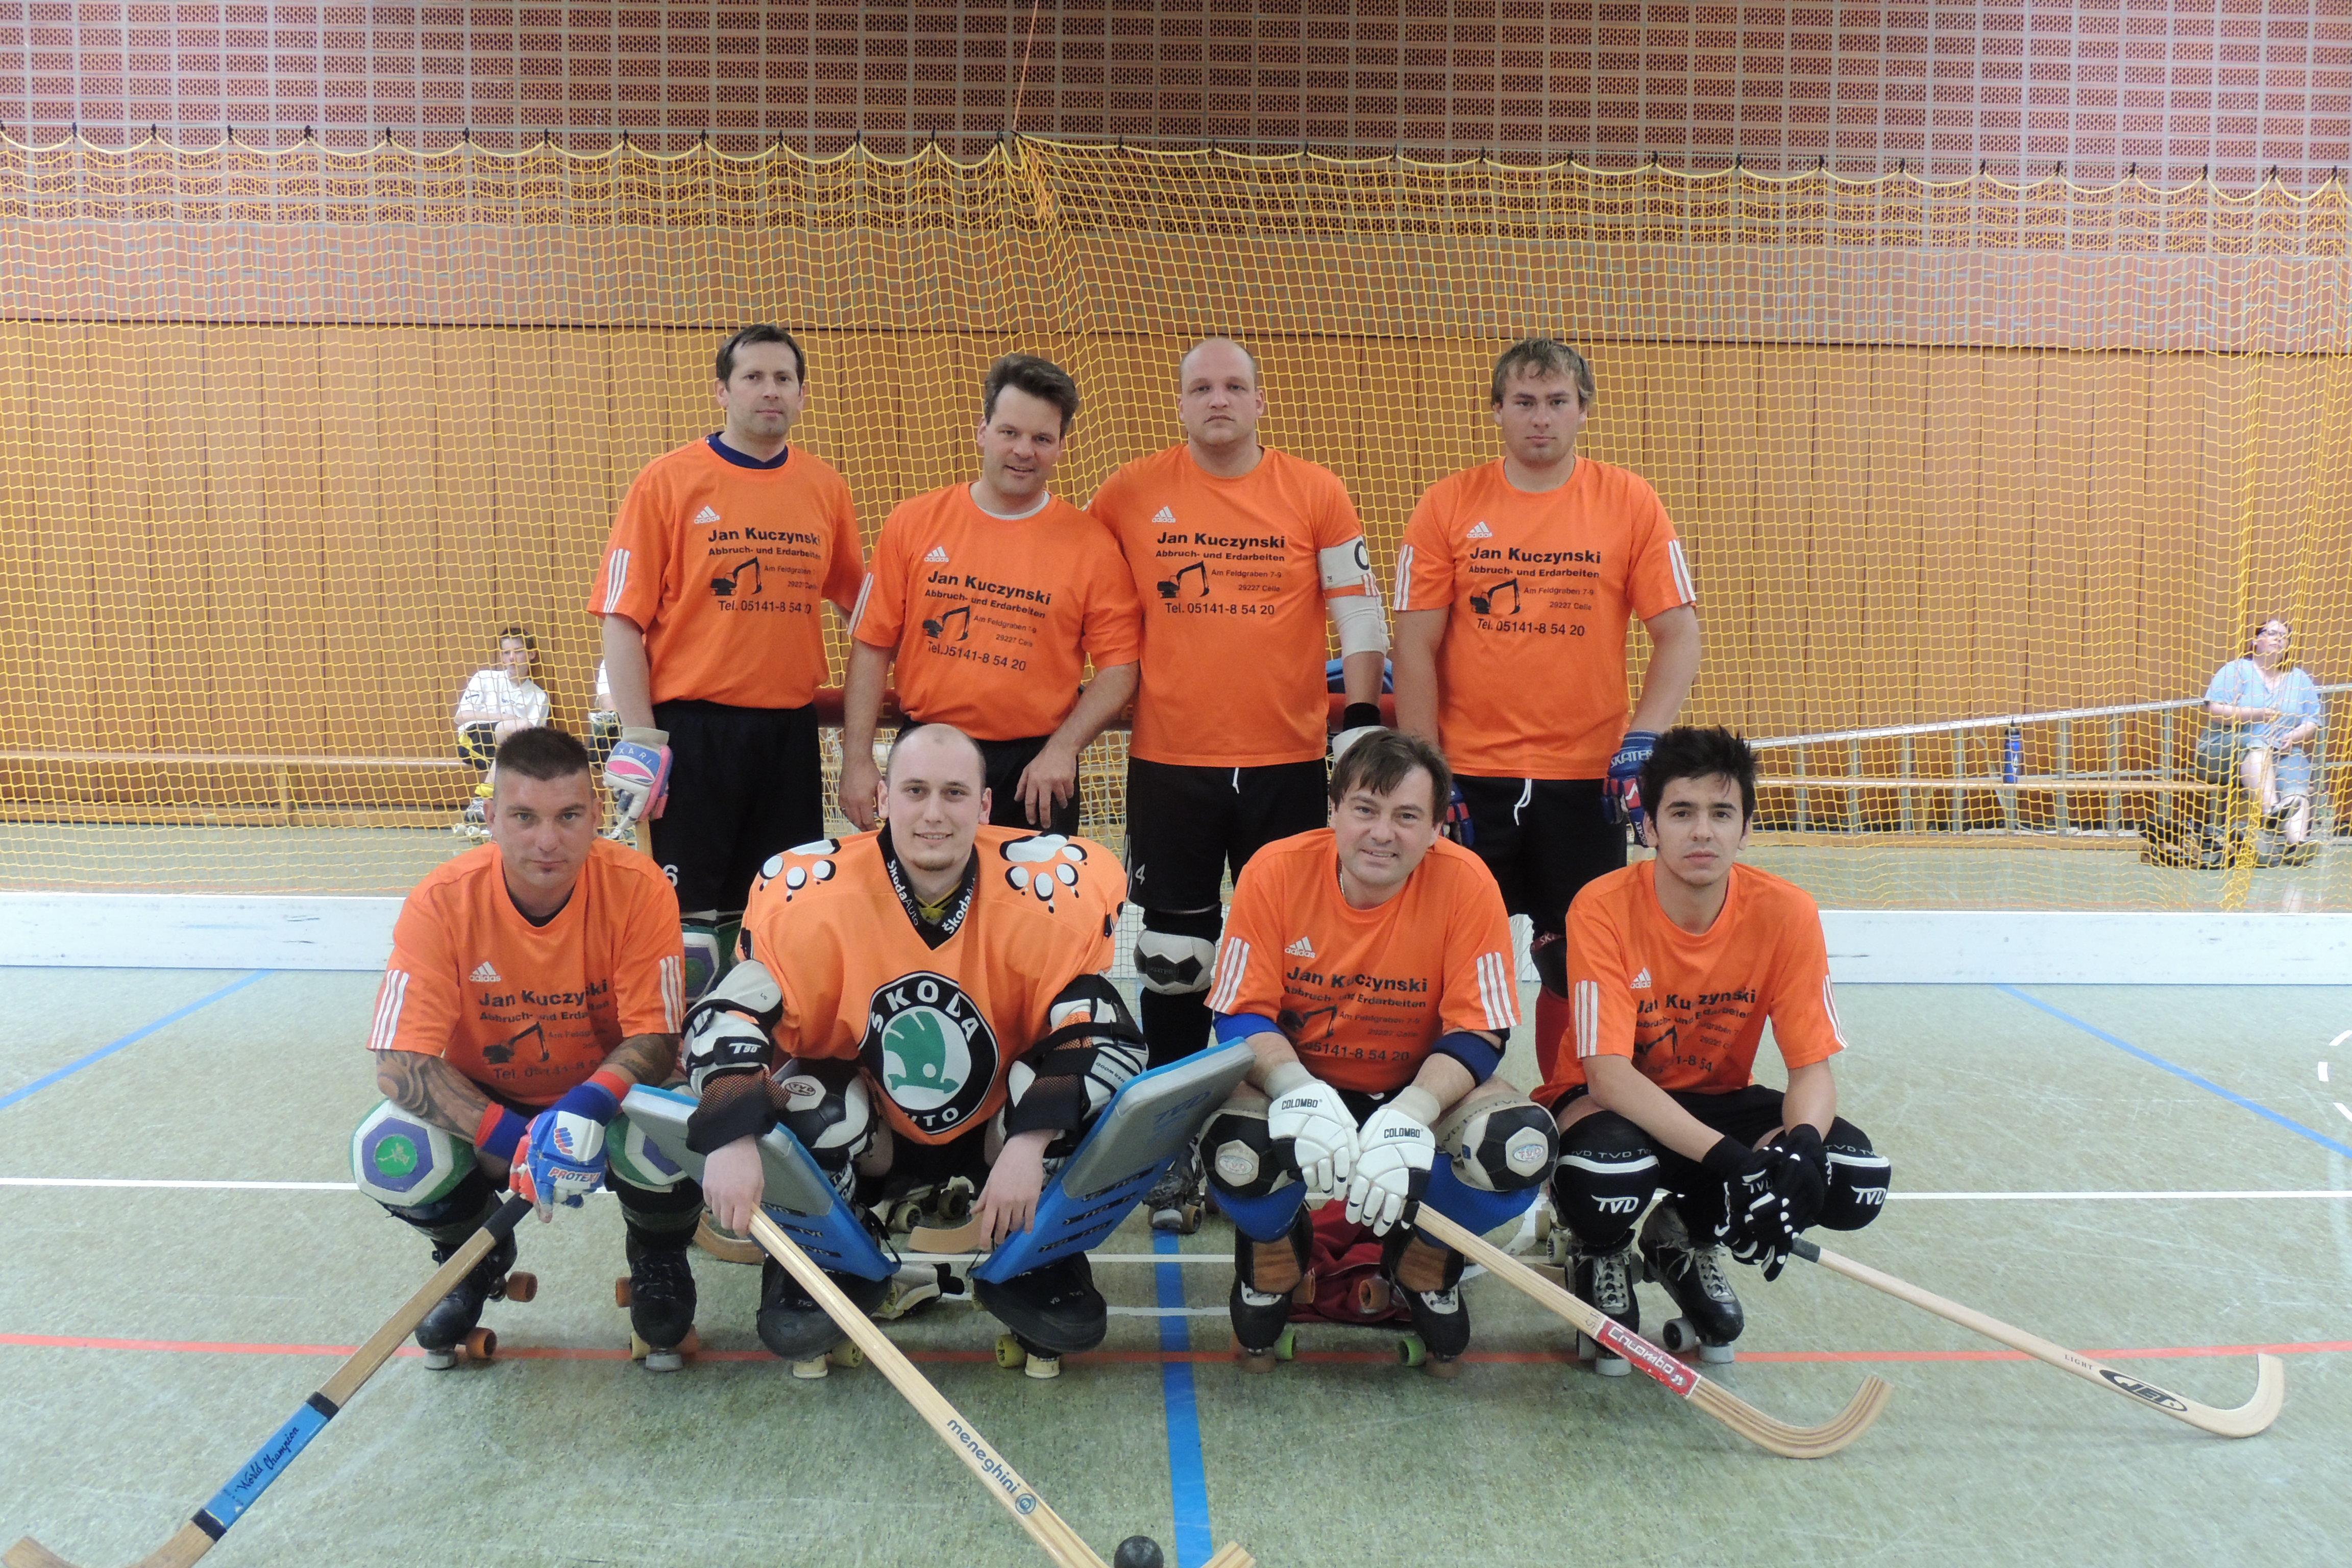 Spielgemeinschaft mit der SV Altencelle 2013